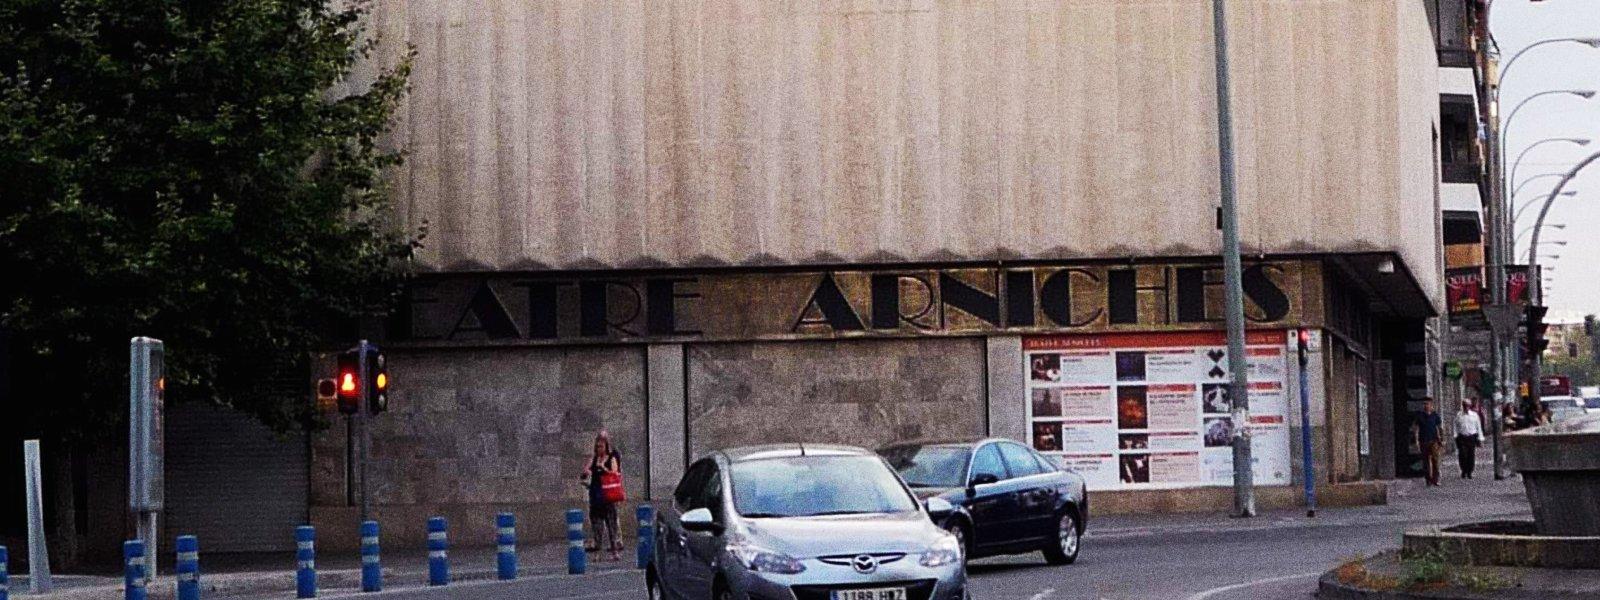 Teatre Arniches, localització per a la representació d'espectacles